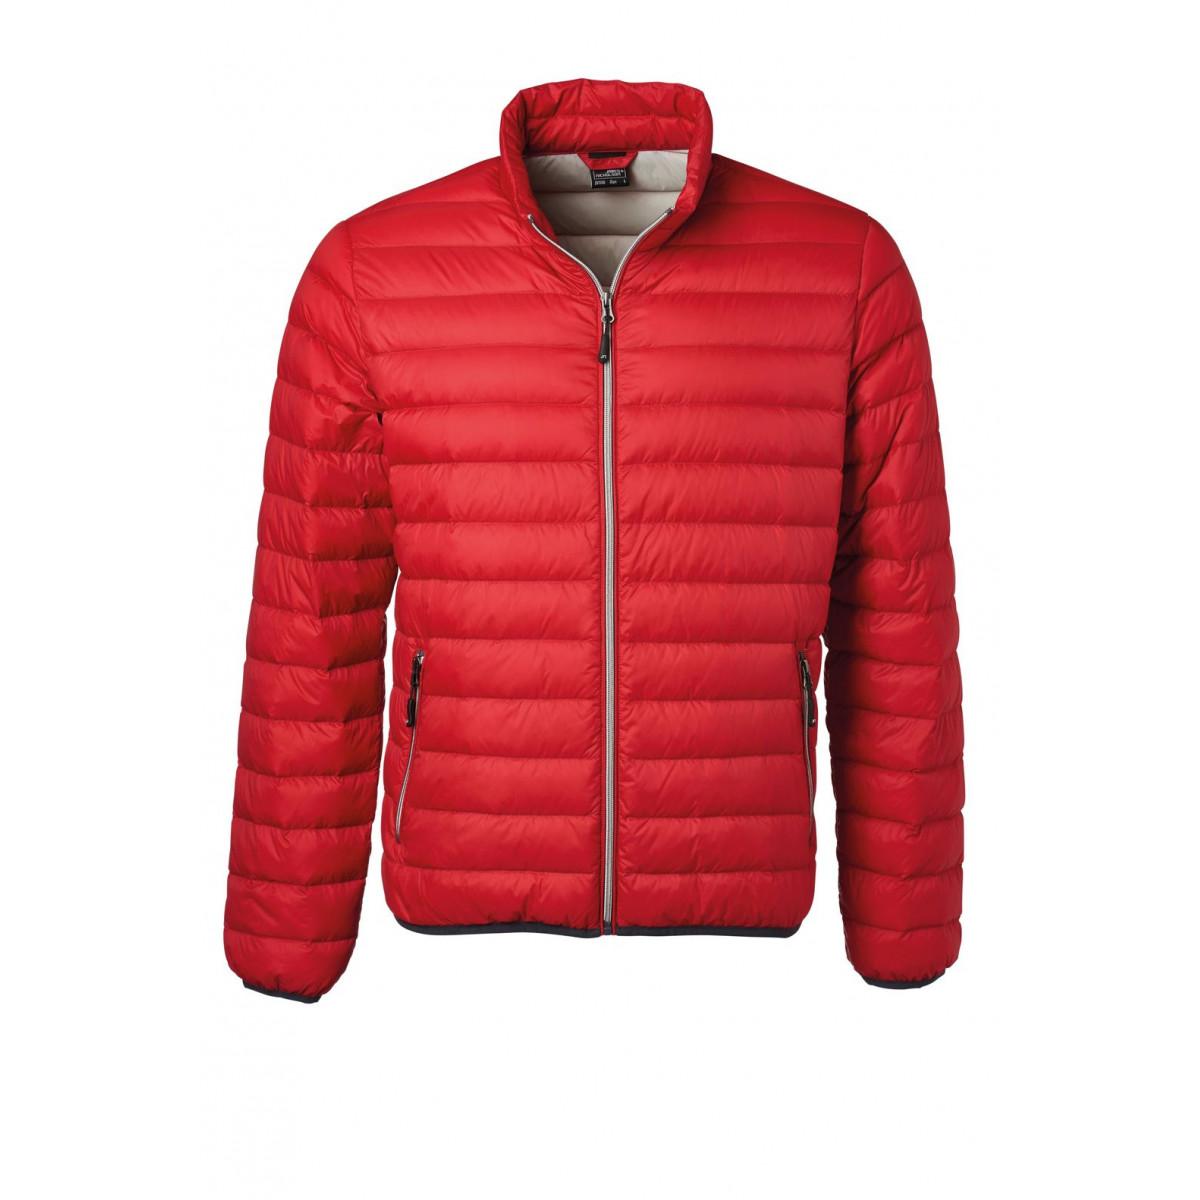 Куртка мужская JN1140 Mens Down Jacket - Красный/Серебряный